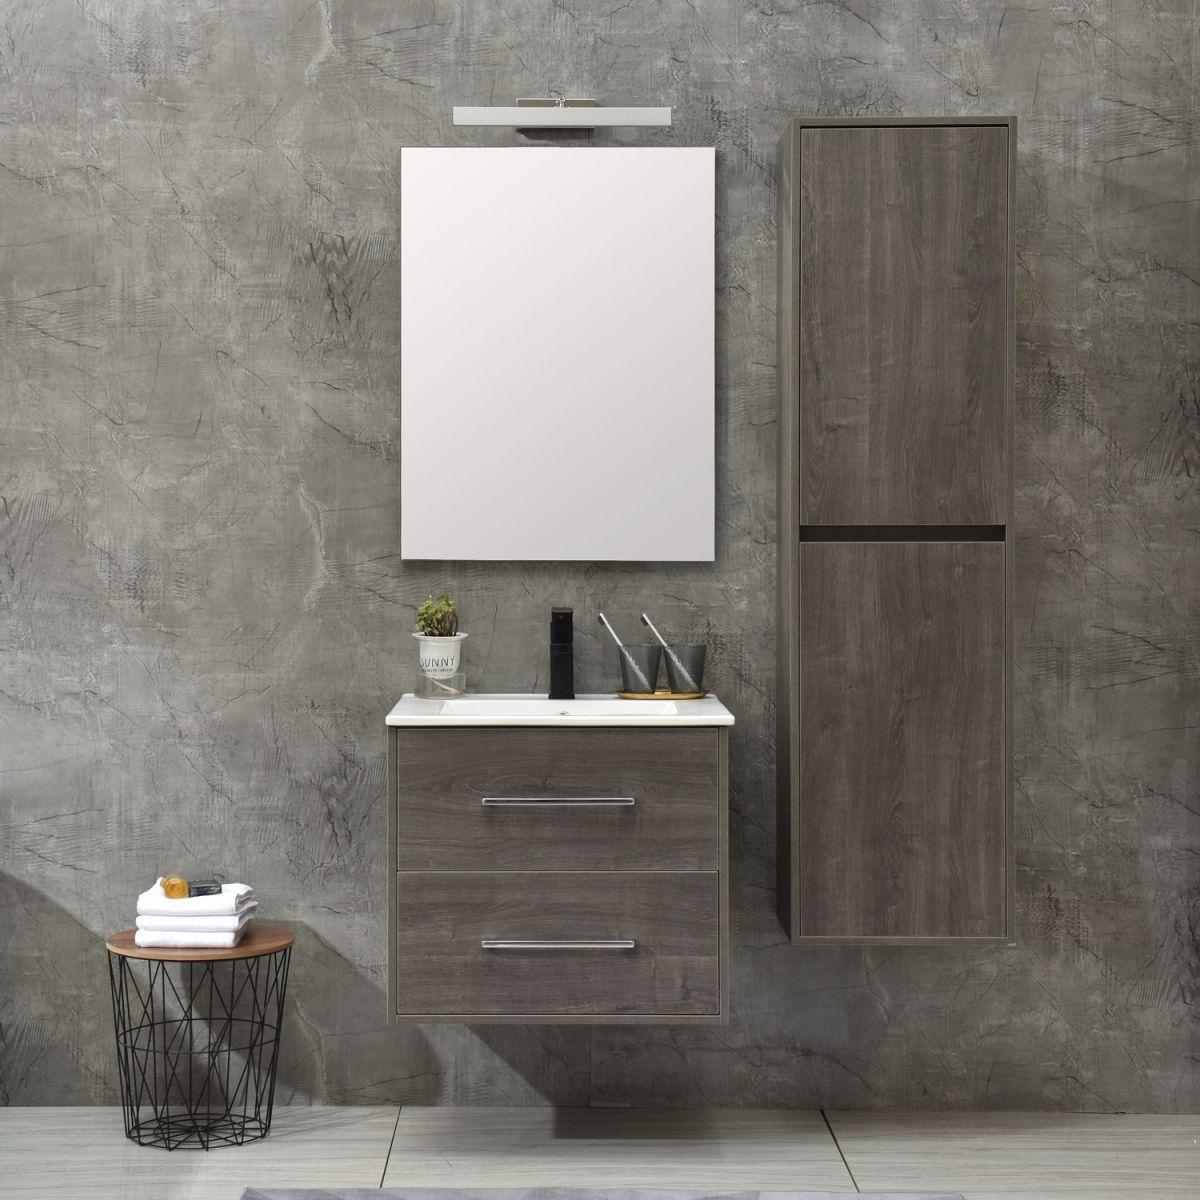 MF 1805 0 G 1 Mobile bagno Praga sospeso 60 cm grigio effetto legno con lavabo,specchio e colonna pensile